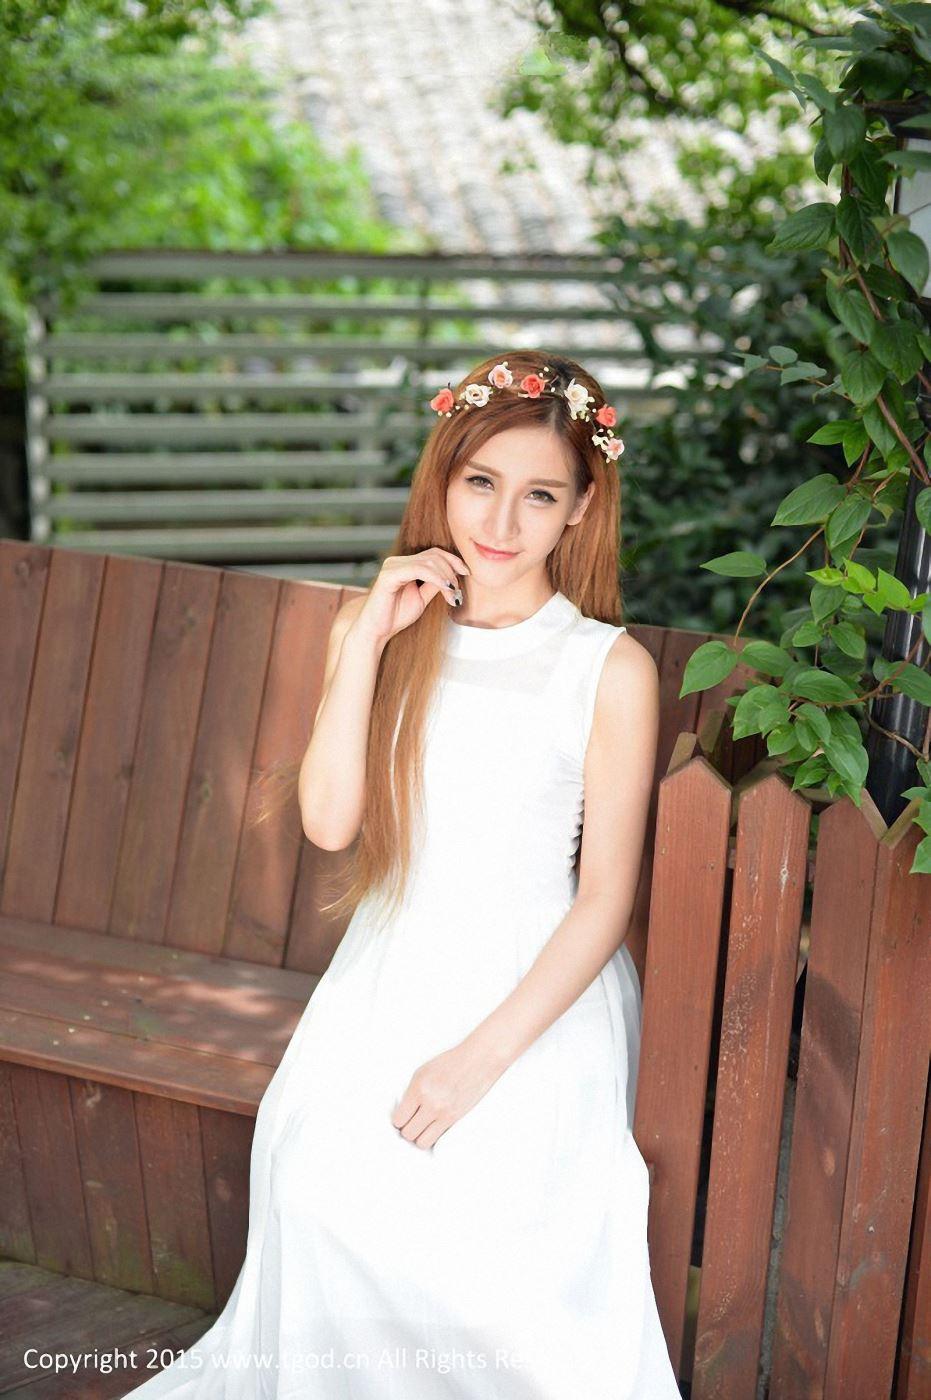 推女神模特艾希Ice清纯美女头戴花环唯美写真图片